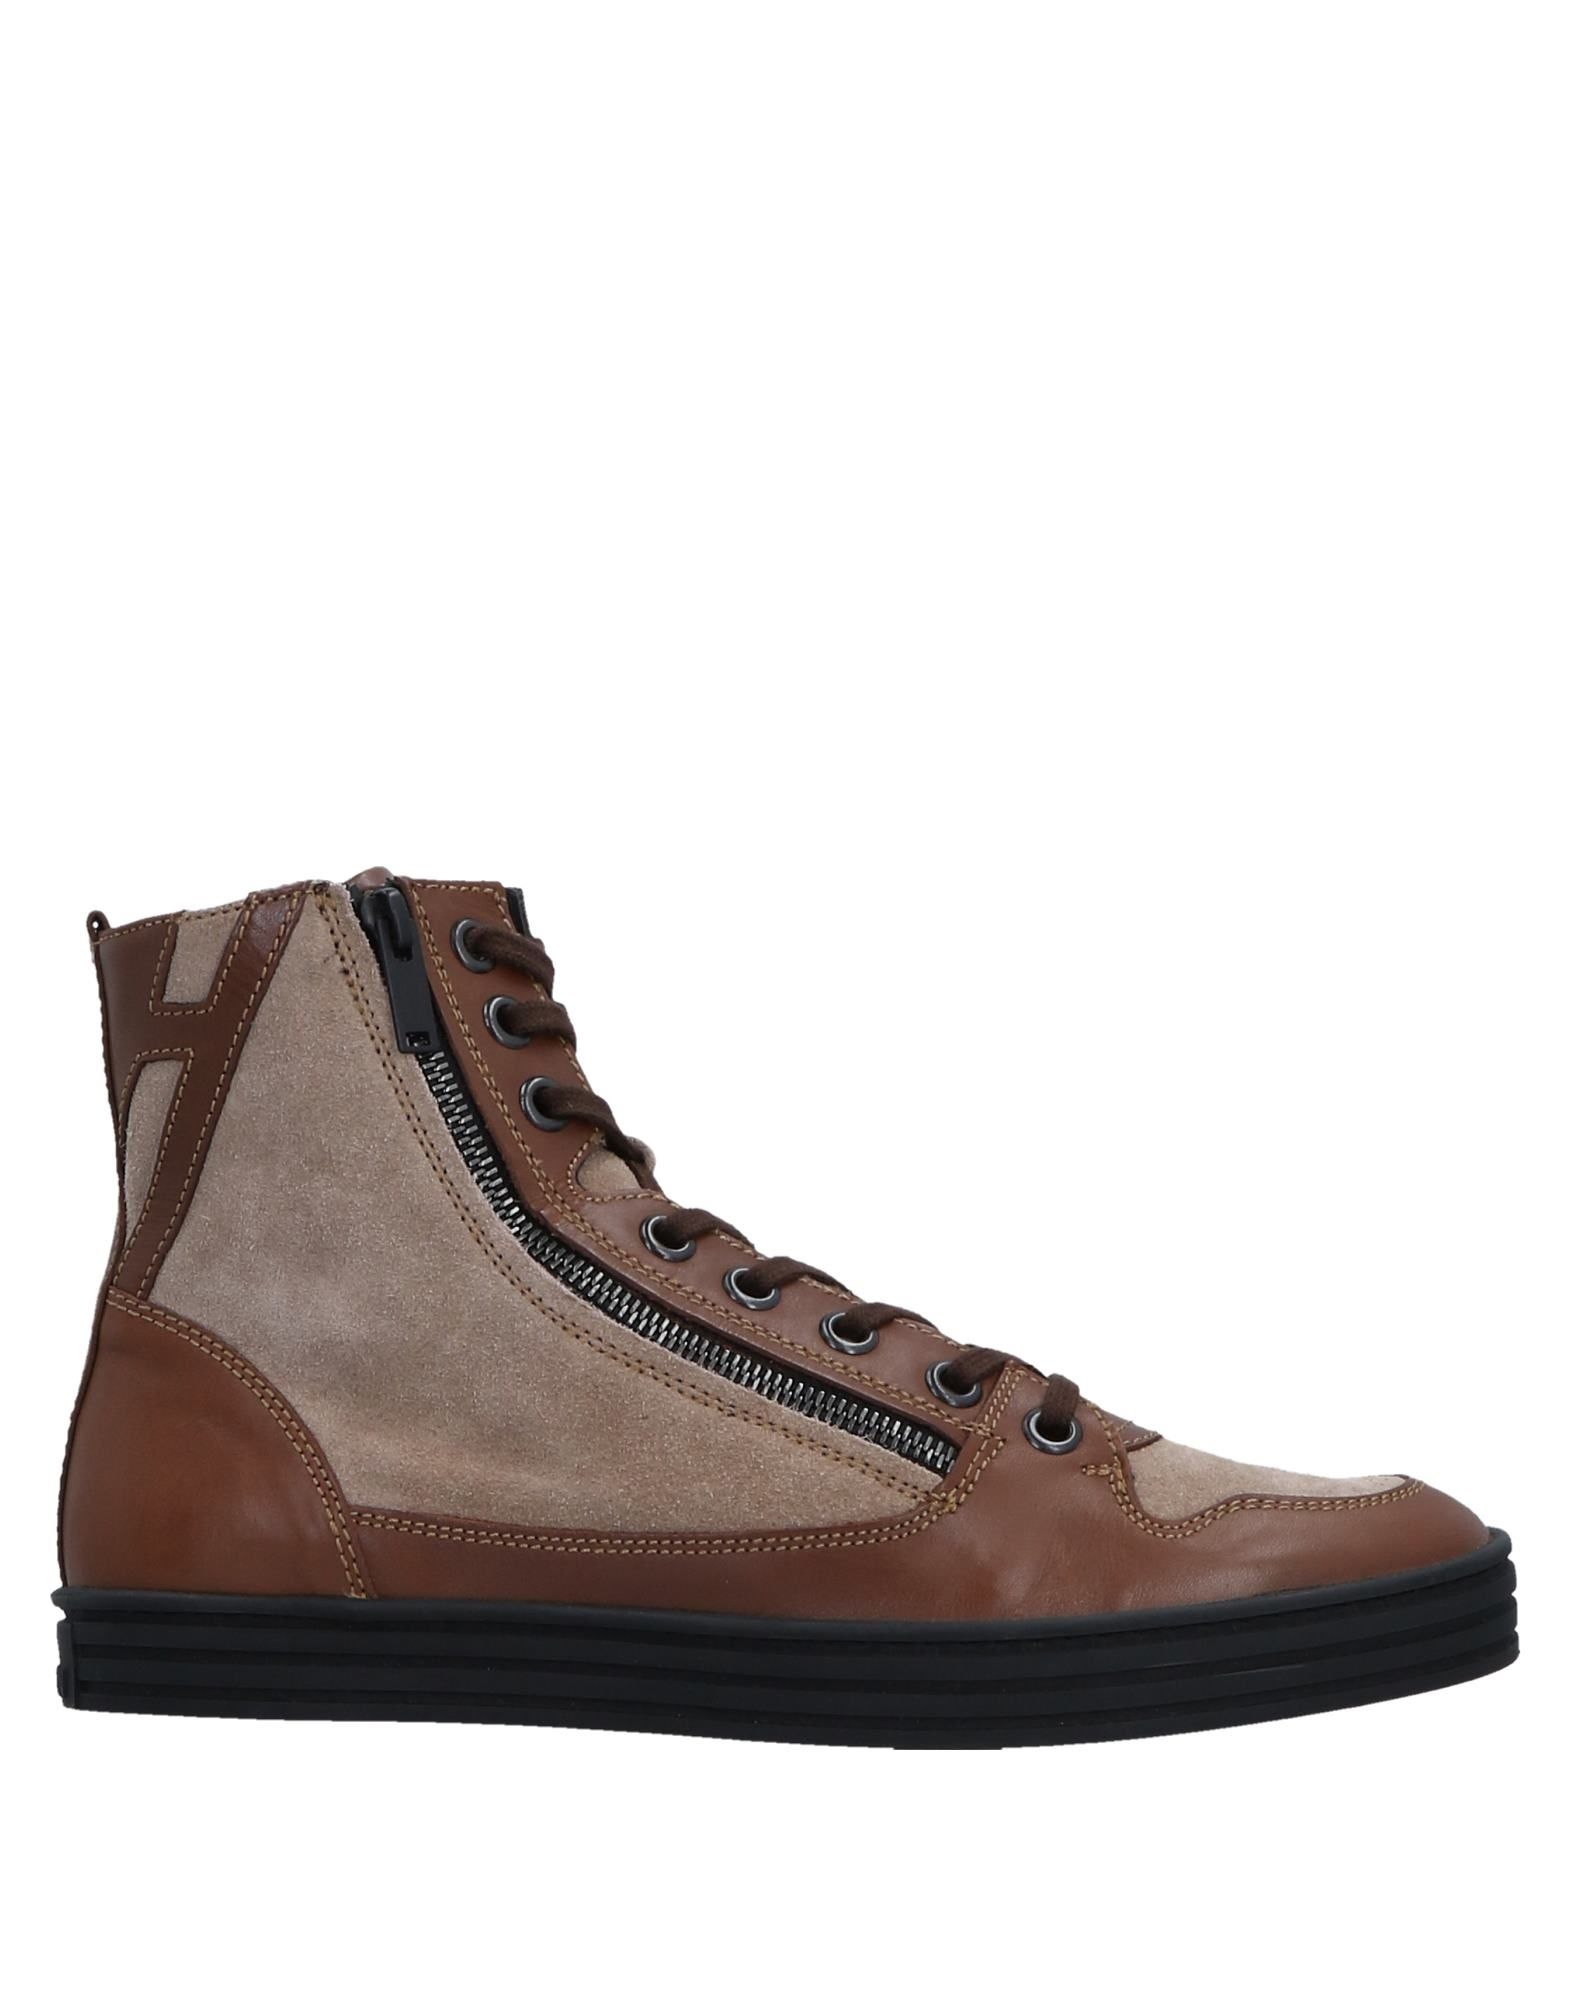 Hogan Rebel Stiefelette Herren  11316483WF Gute Qualität beliebte Schuhe